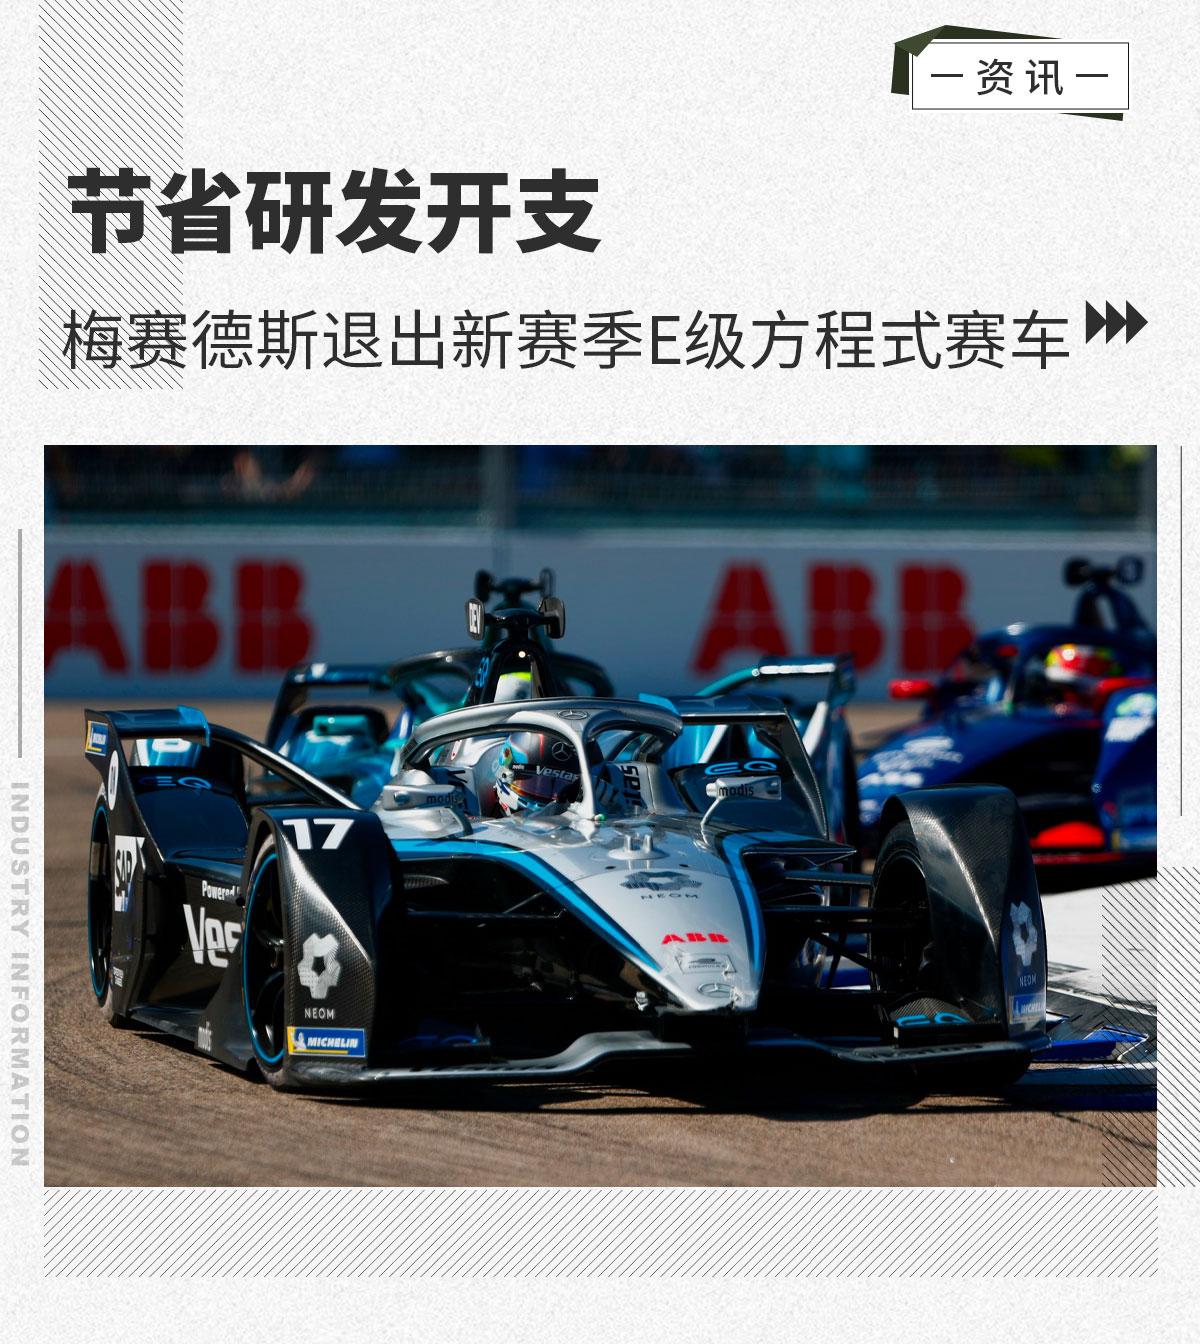 节省研发开支 梅赛德斯退出新赛季E级方程式赛车